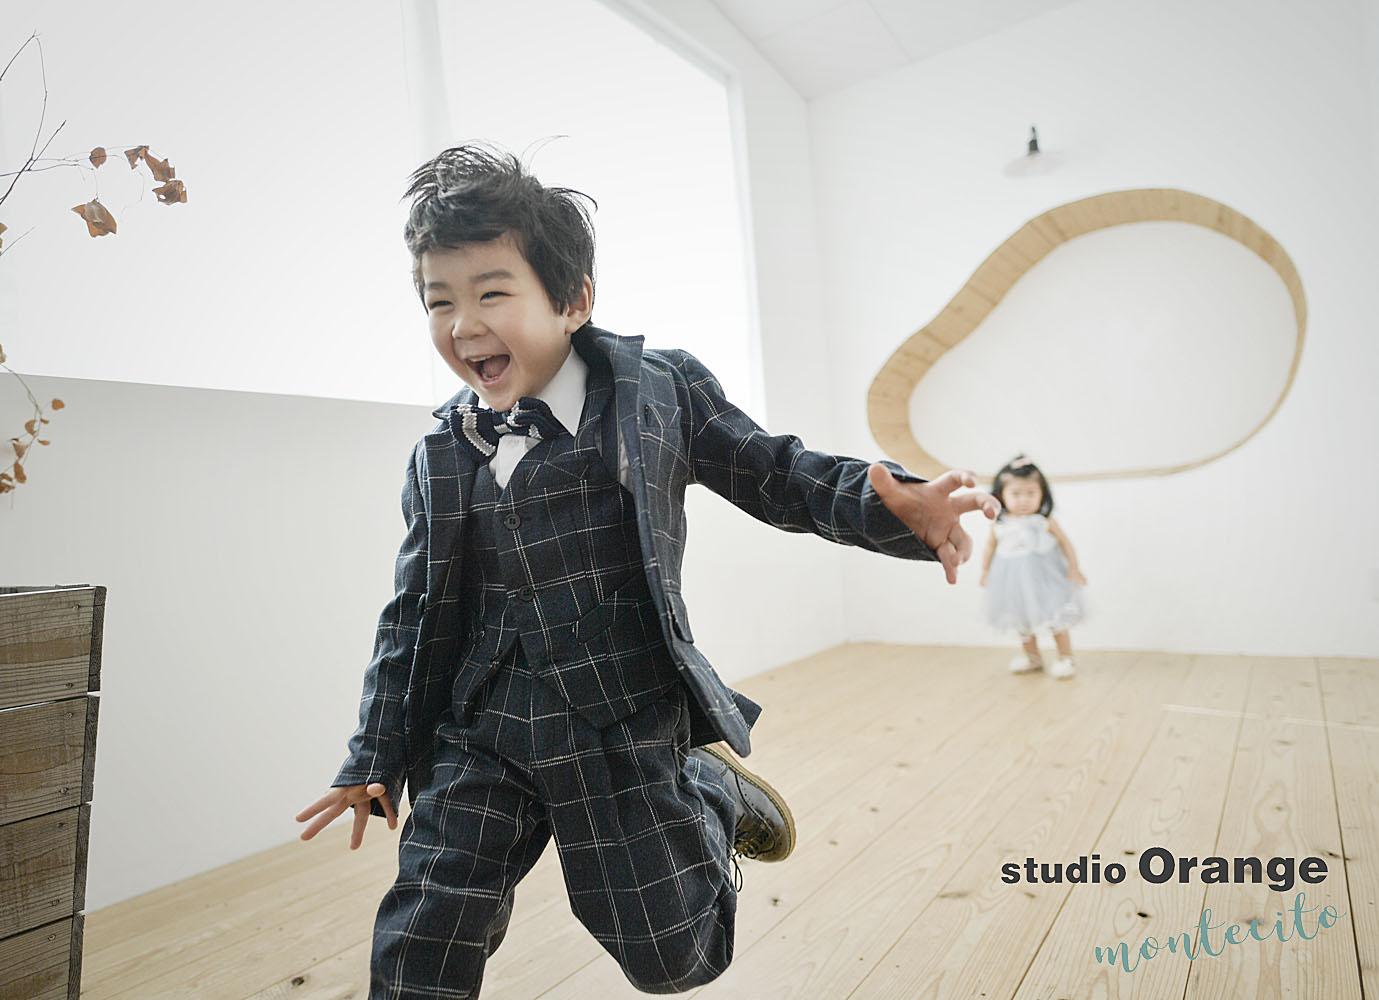 伊丹市 3歳男の子七五三 撮影後七五三お参り